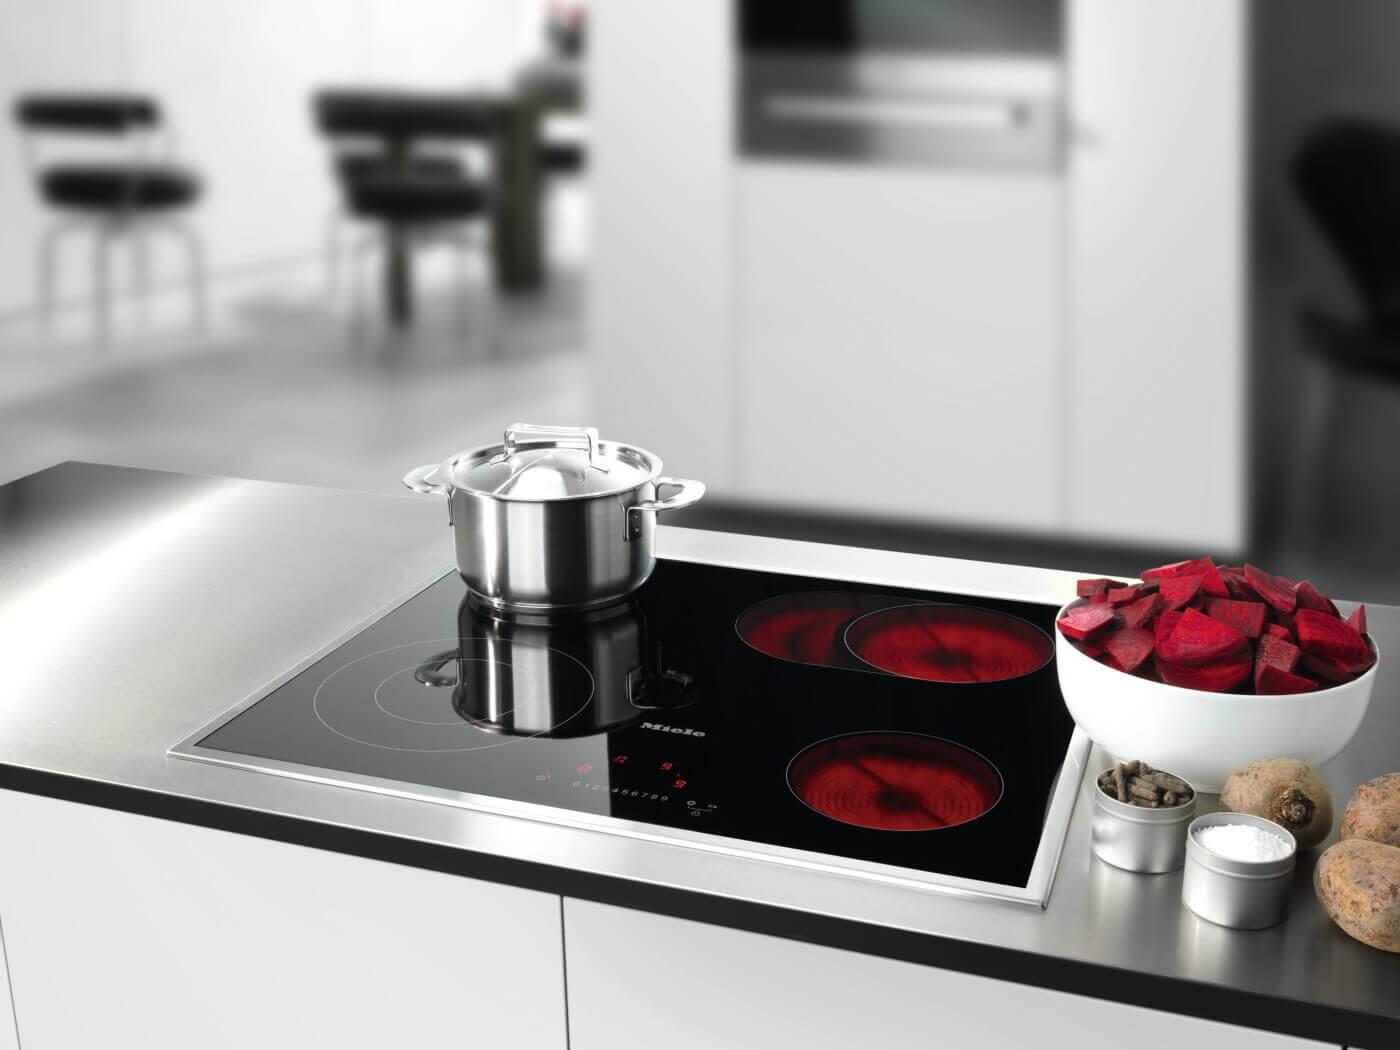 gas cerankochfeld elektro einbauherd backofen mit ceranfeld machen appetit auf mehr. Black Bedroom Furniture Sets. Home Design Ideas